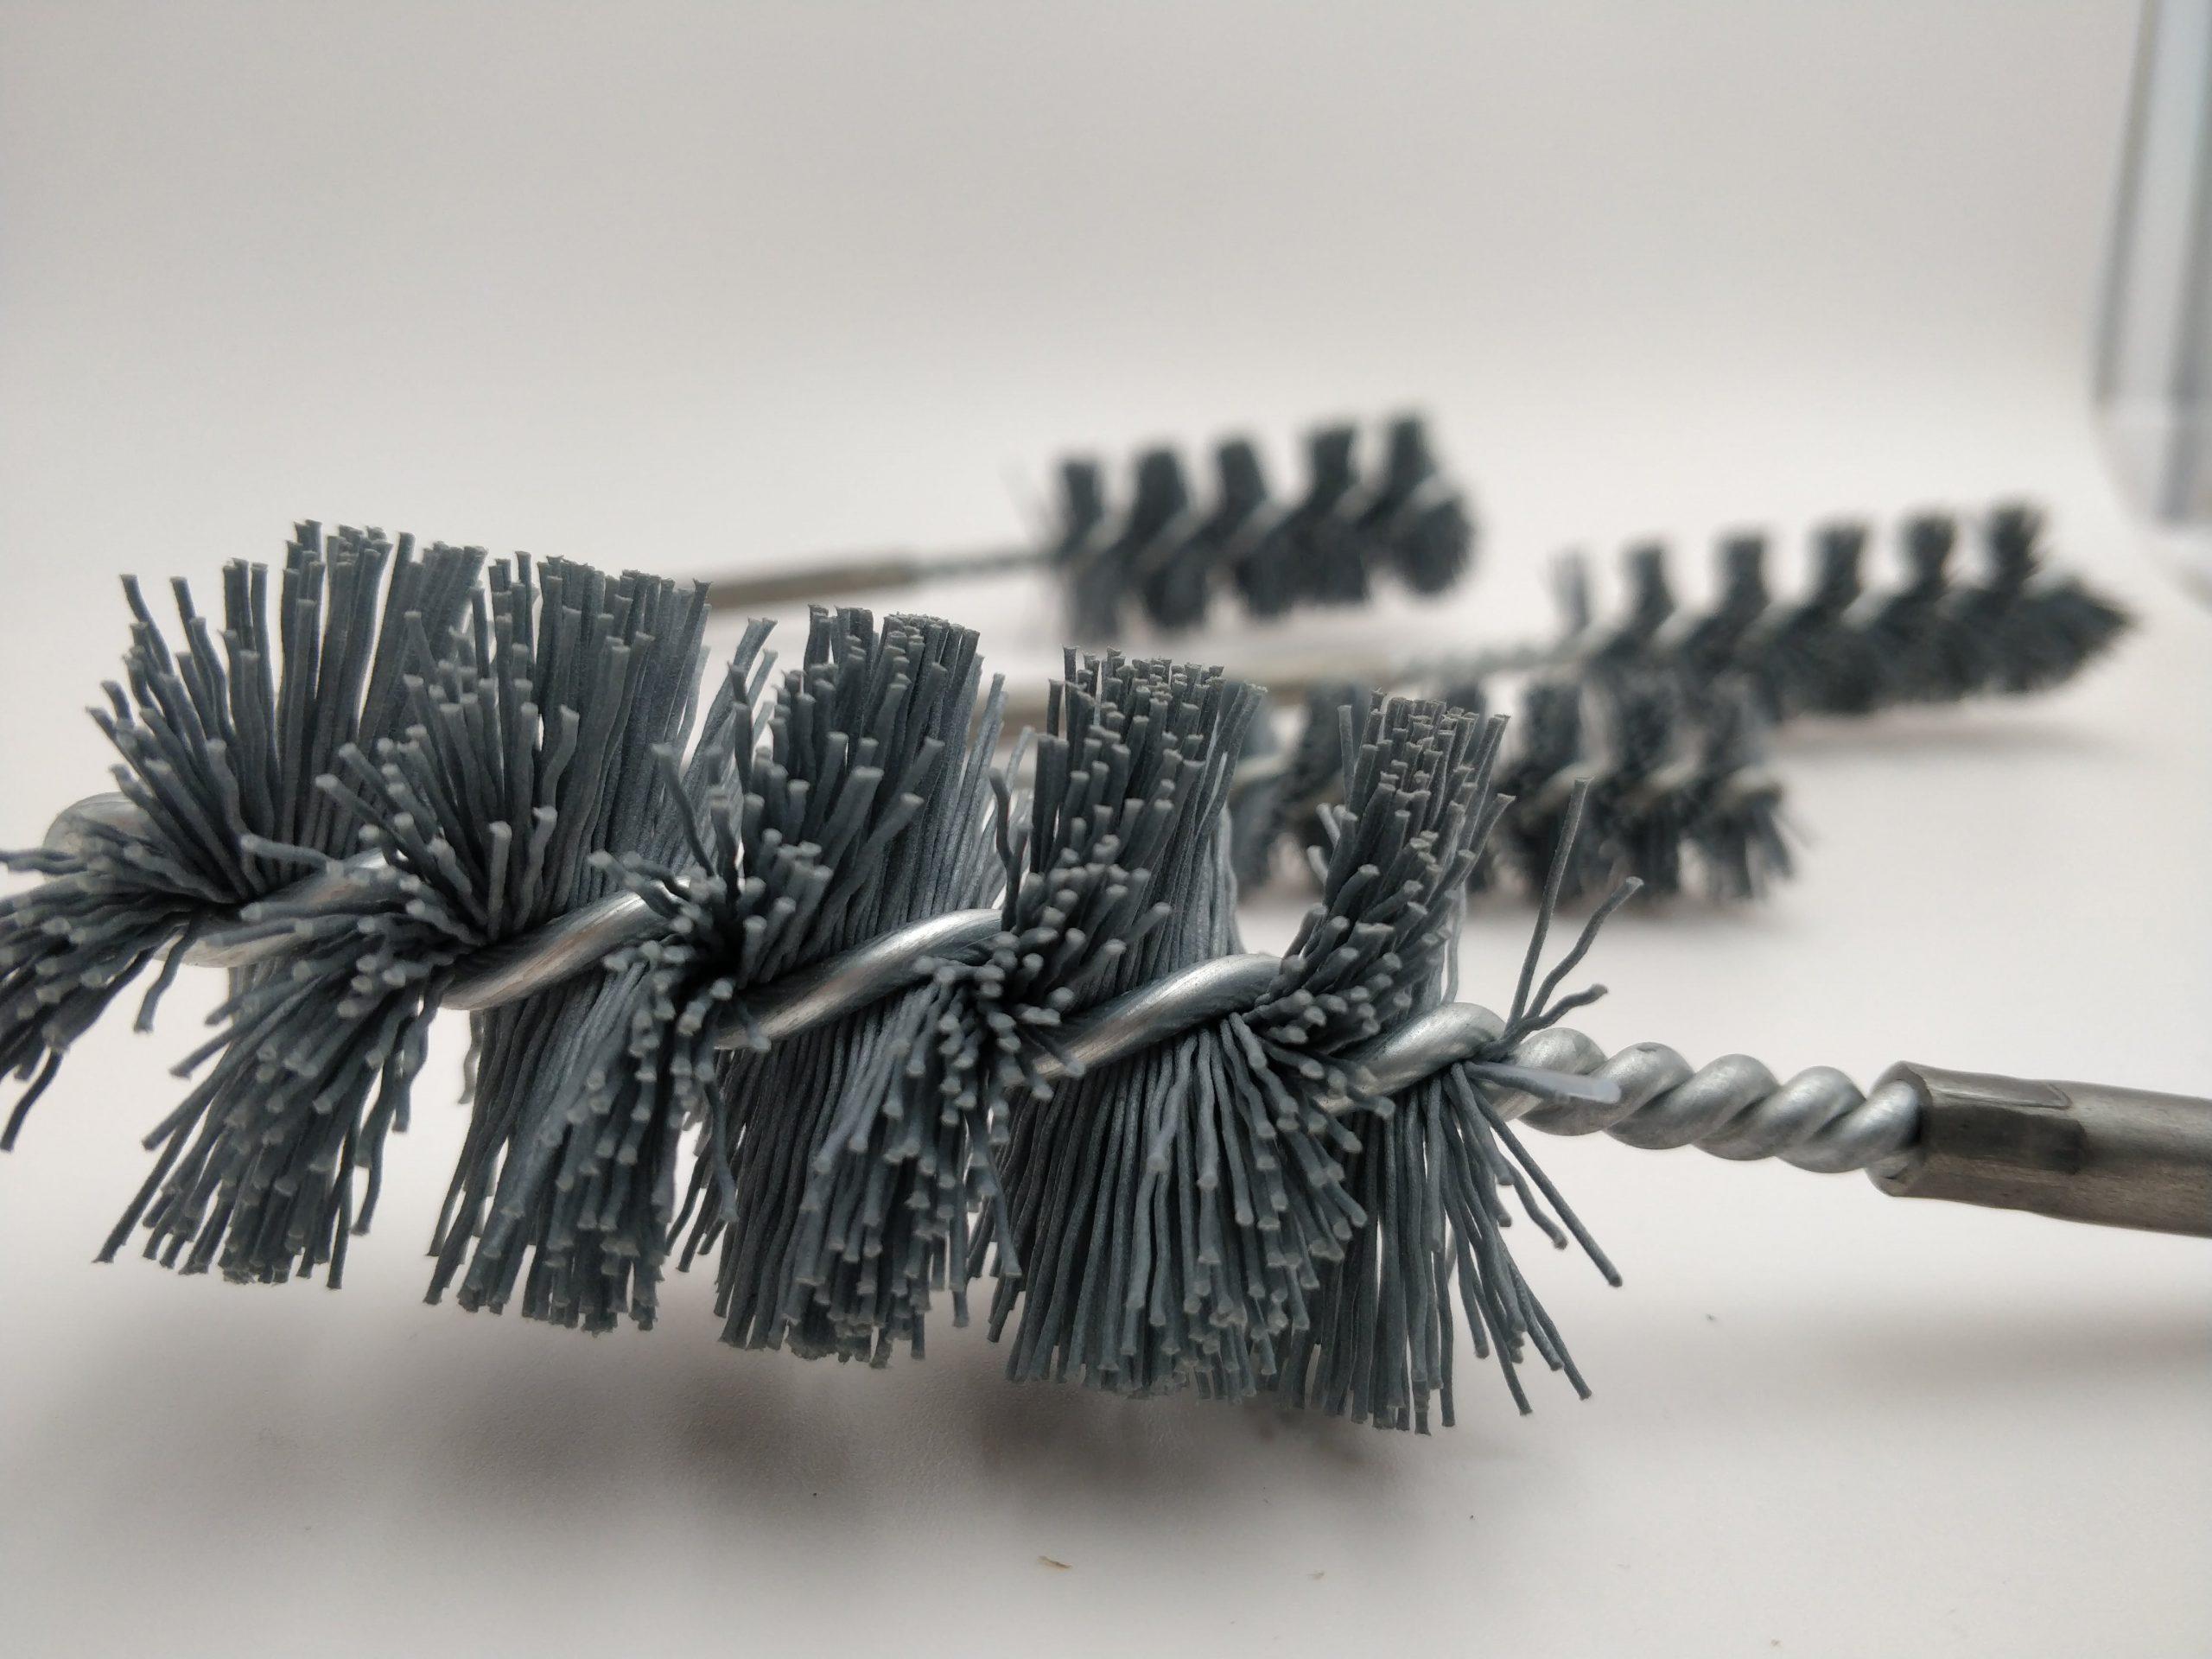 cepillo limpia tubo nylon abrasivo